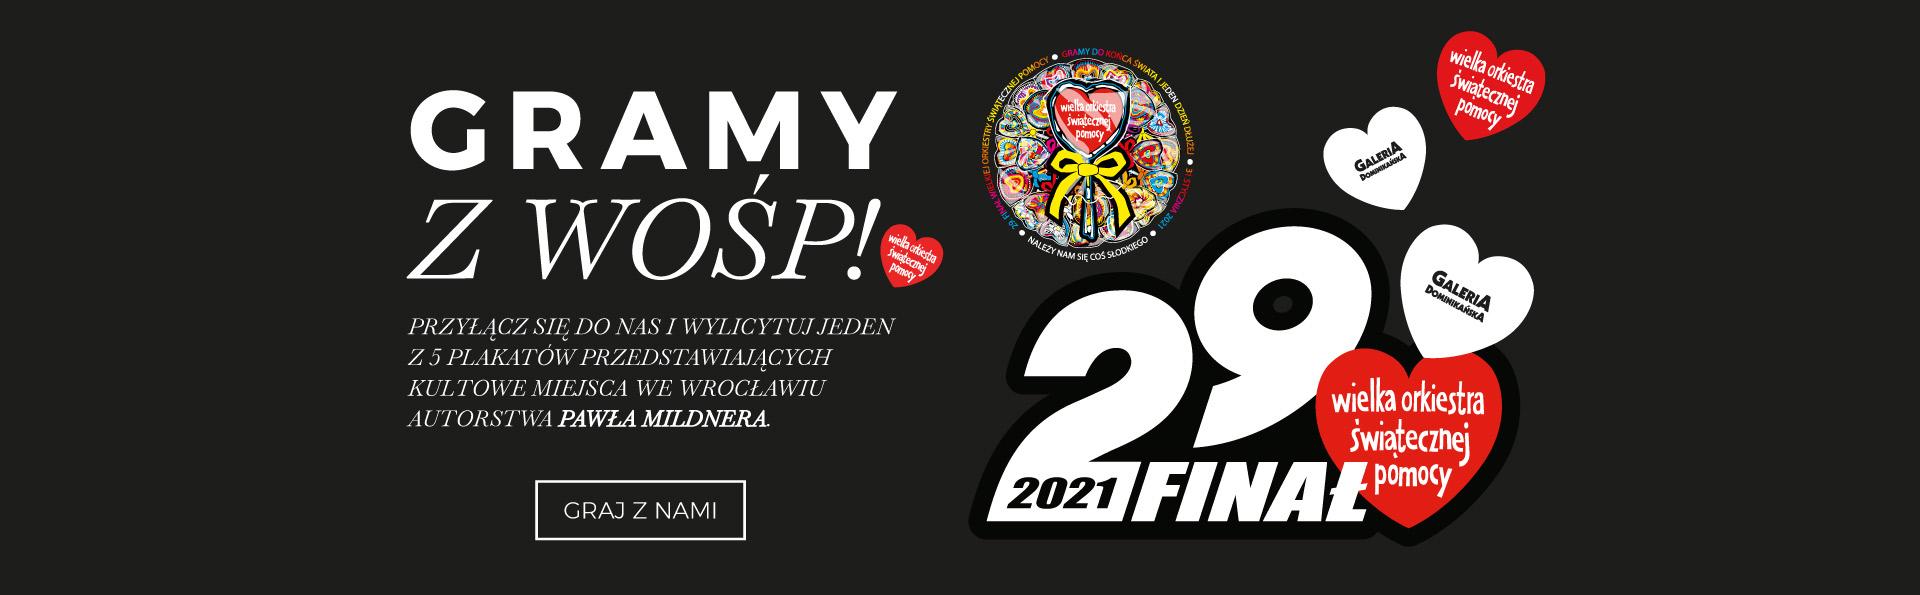 Gramy z WOŚP! Wylicytuj plakaty z ilustracjami Wrocławia!